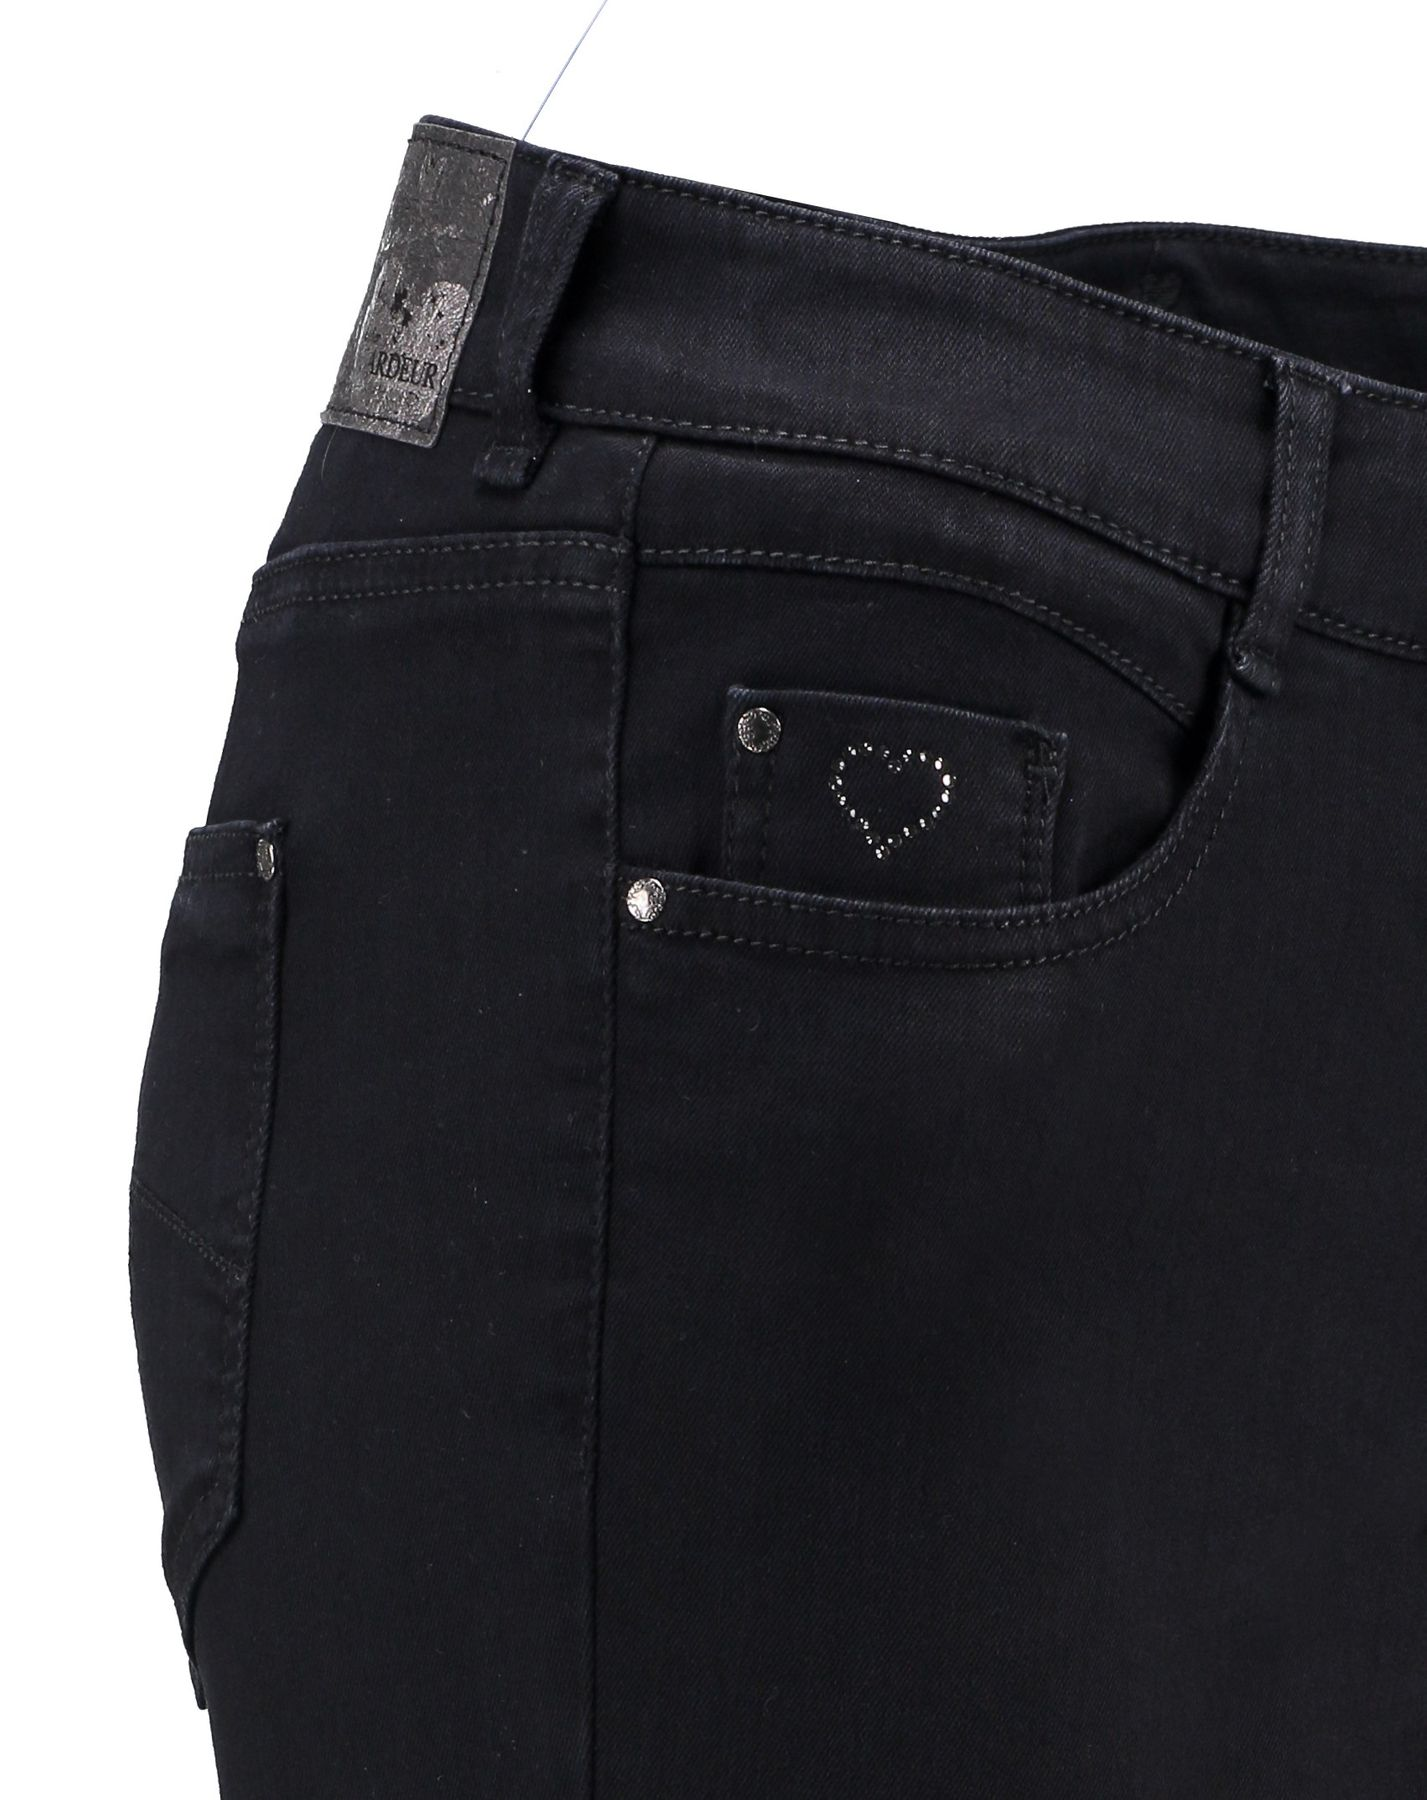 Atelier Gardeur - Slim Fit - Damen 5-Pocket Röhrenhose aus Satindenim in verschiedenen Farben, FS 17, Denise (600441) – Bild 11